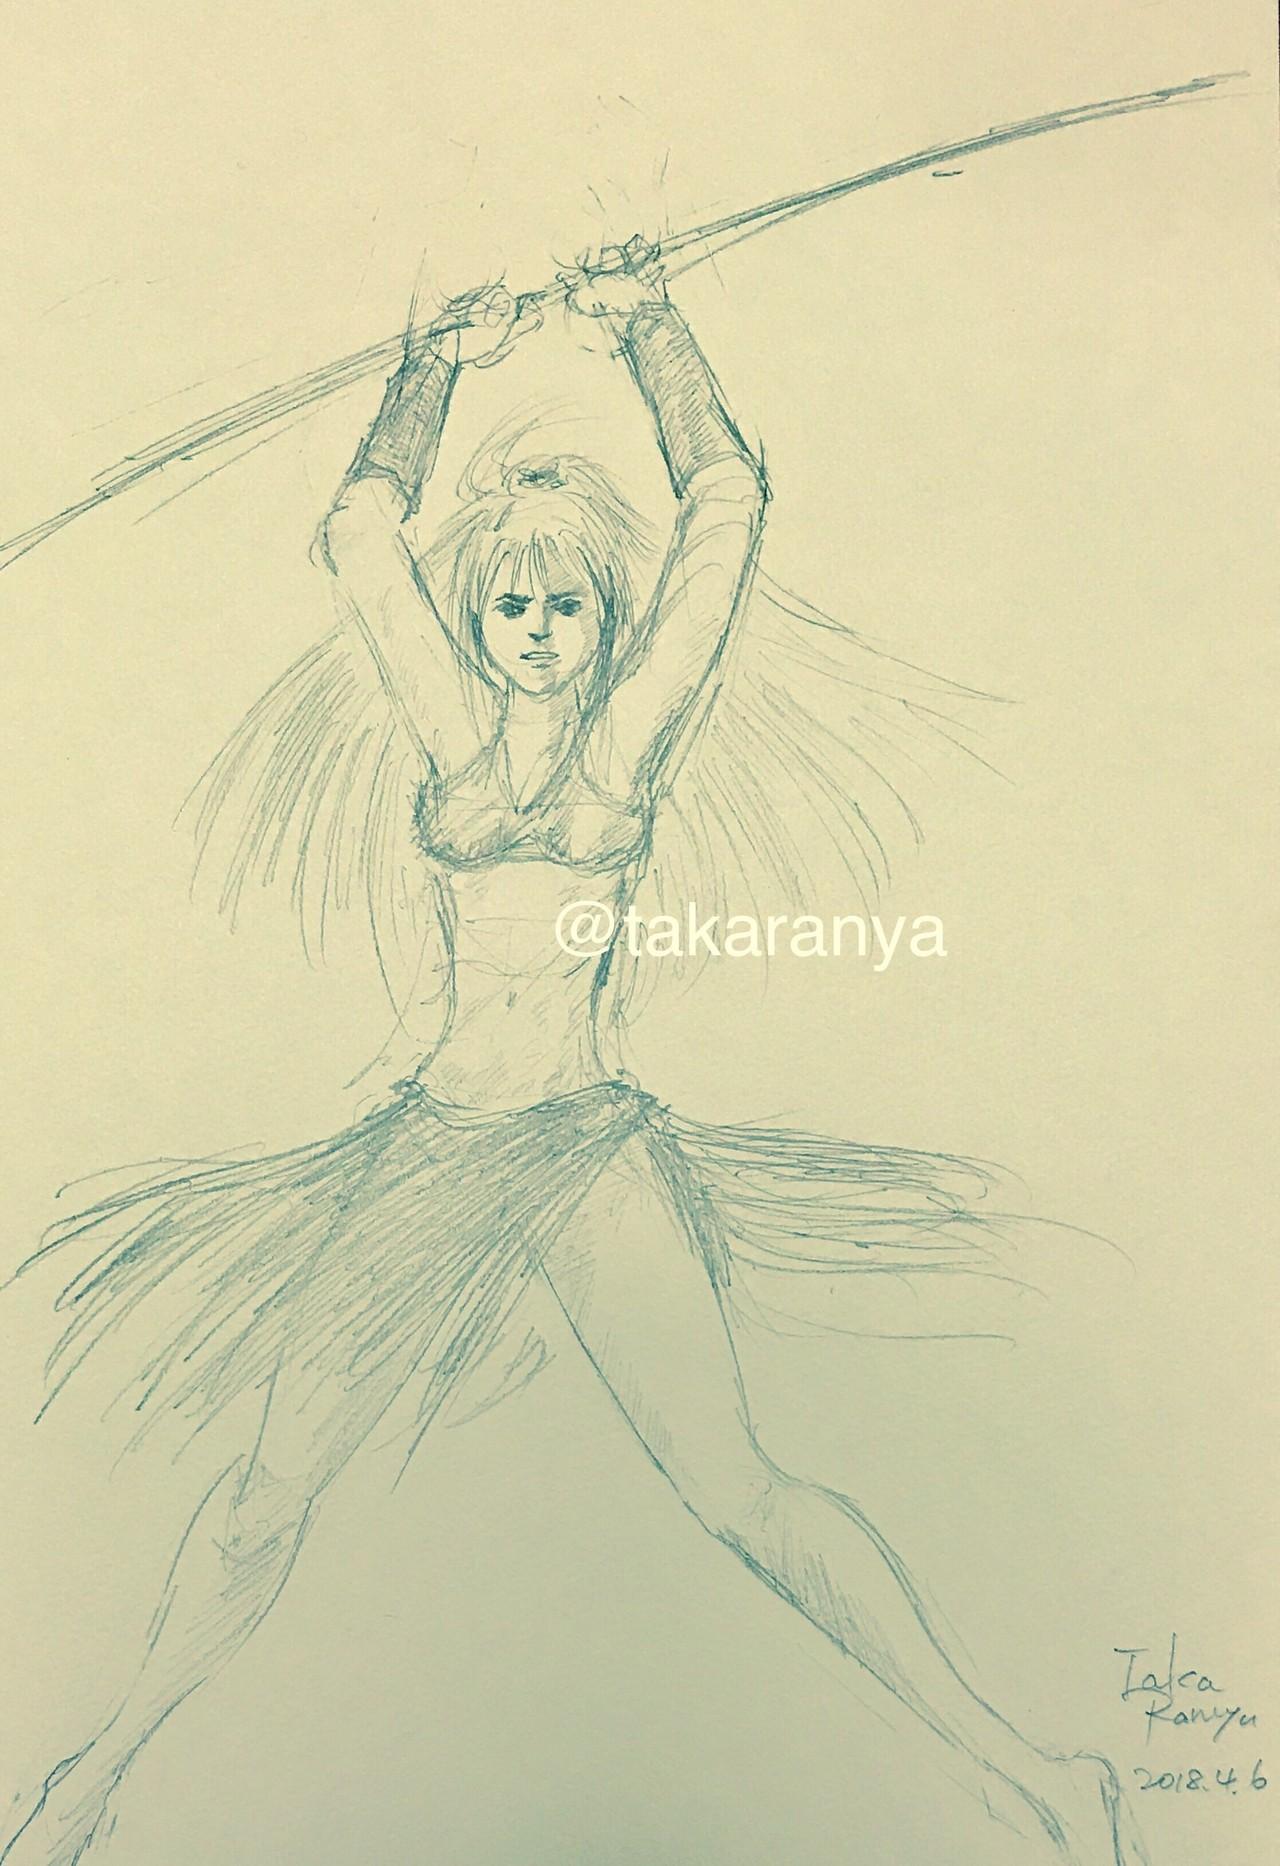 リヴィエラさんの杖で光ドバーッて感じのシーンを描いてみたんだけど